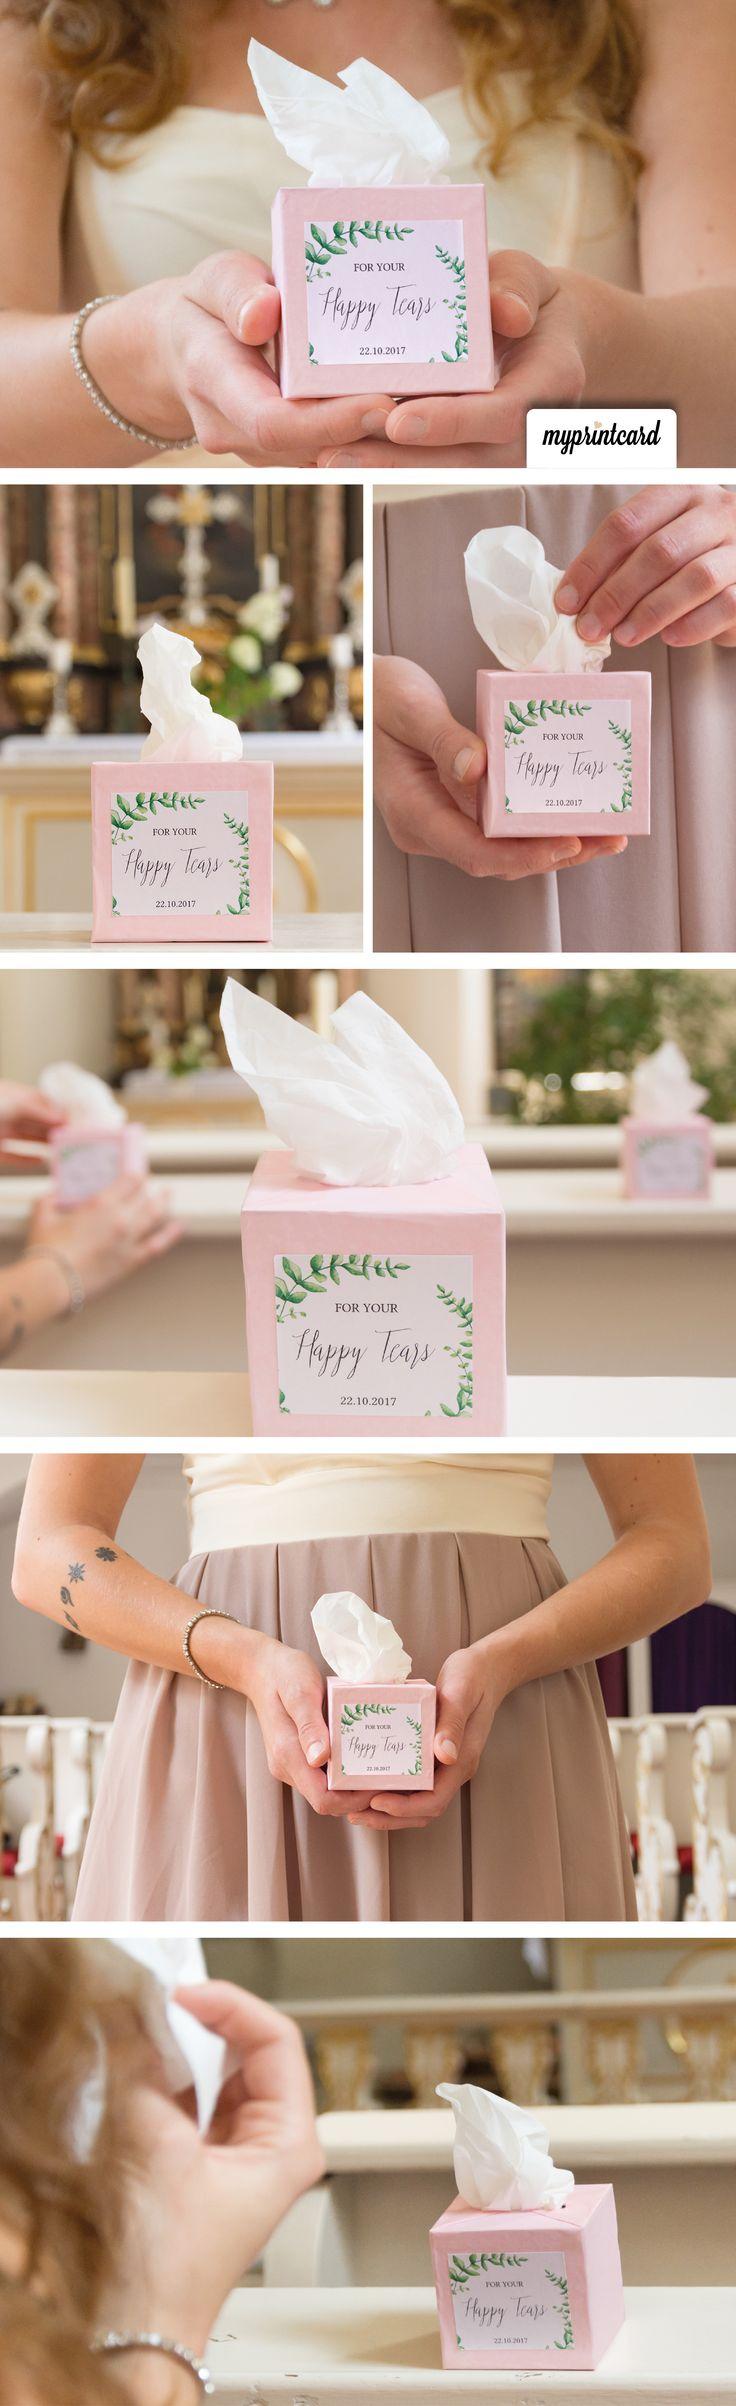 Bastelt jetzt Eure Freudentränen-Taschentücher in der Box. Im Magazin zeigen wir detailliert, wie es geht. #diy #anleitung #dekoration #tisch #tutorial #basteln #hochzeit #braut #bräutigam #selbermachen #handmade #tischdekoration #deko #gastgeschenk #freudentränen #box #heiraten